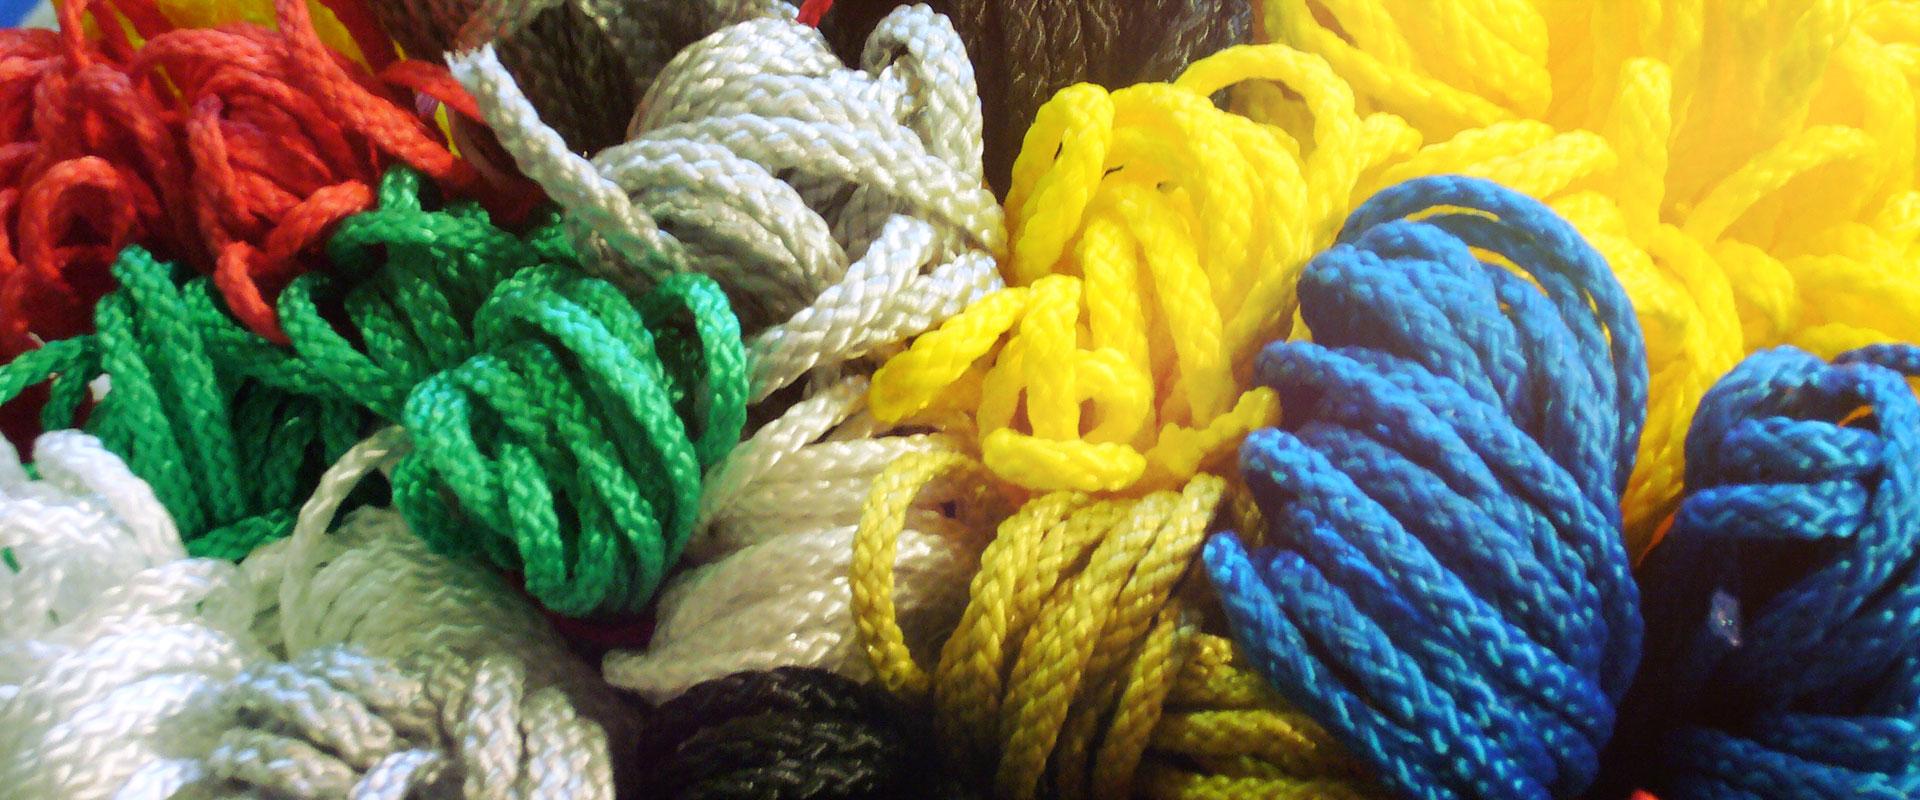 Plusieurs cordes chacunes d'une couleur différente enroulées pour représenter les valeurs d'une entreprise